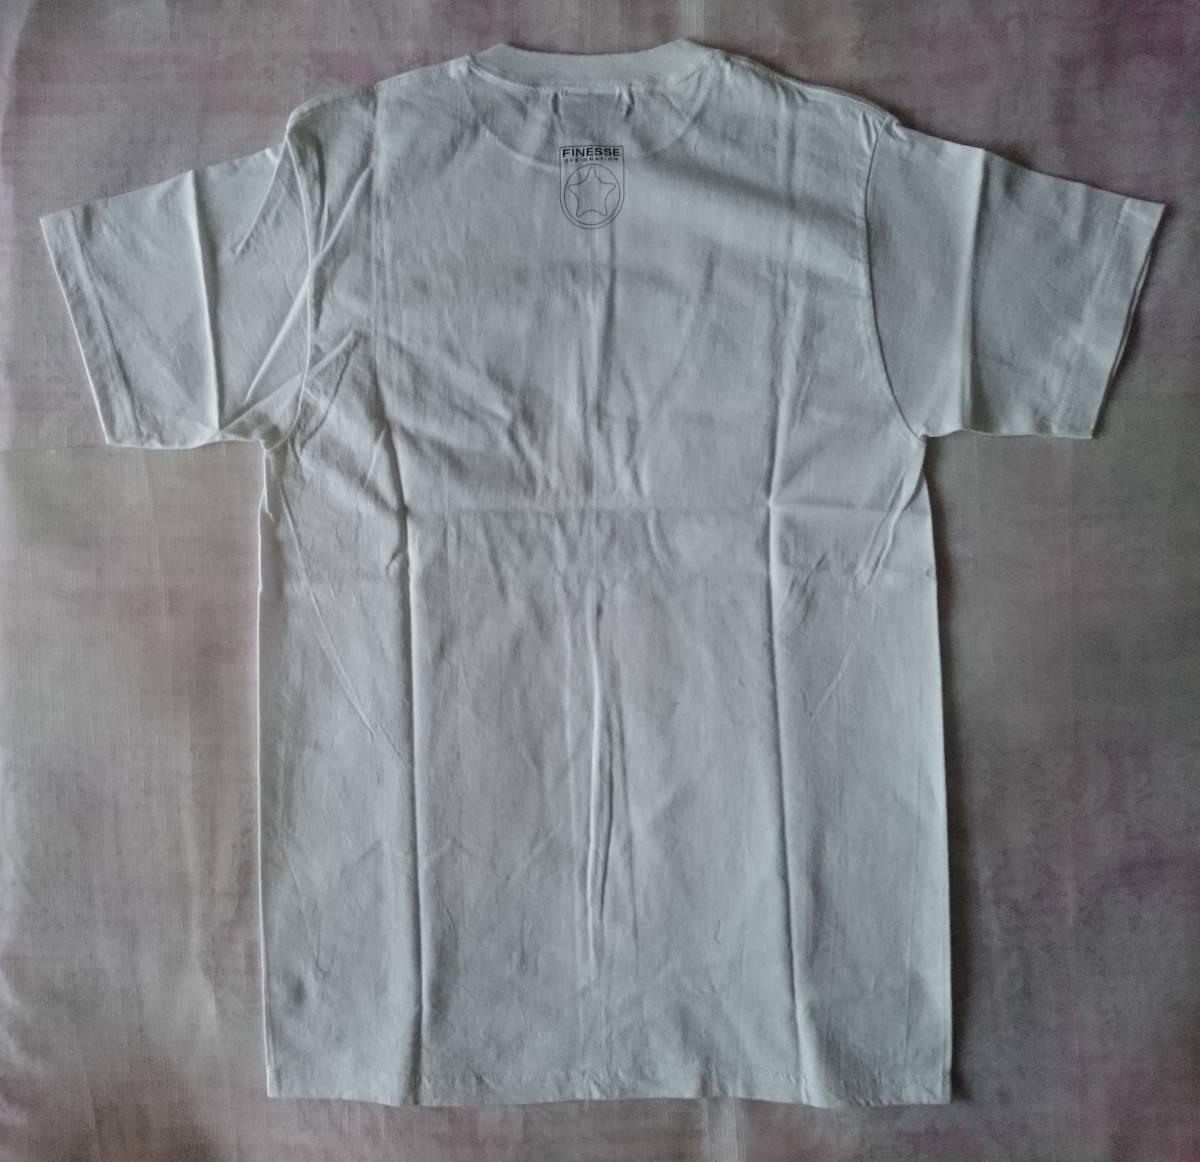 ☆超希少☆FINESSE ☆Tシャツ M フィネス 星 未着用 デッドストック グッドイナフ_画像5